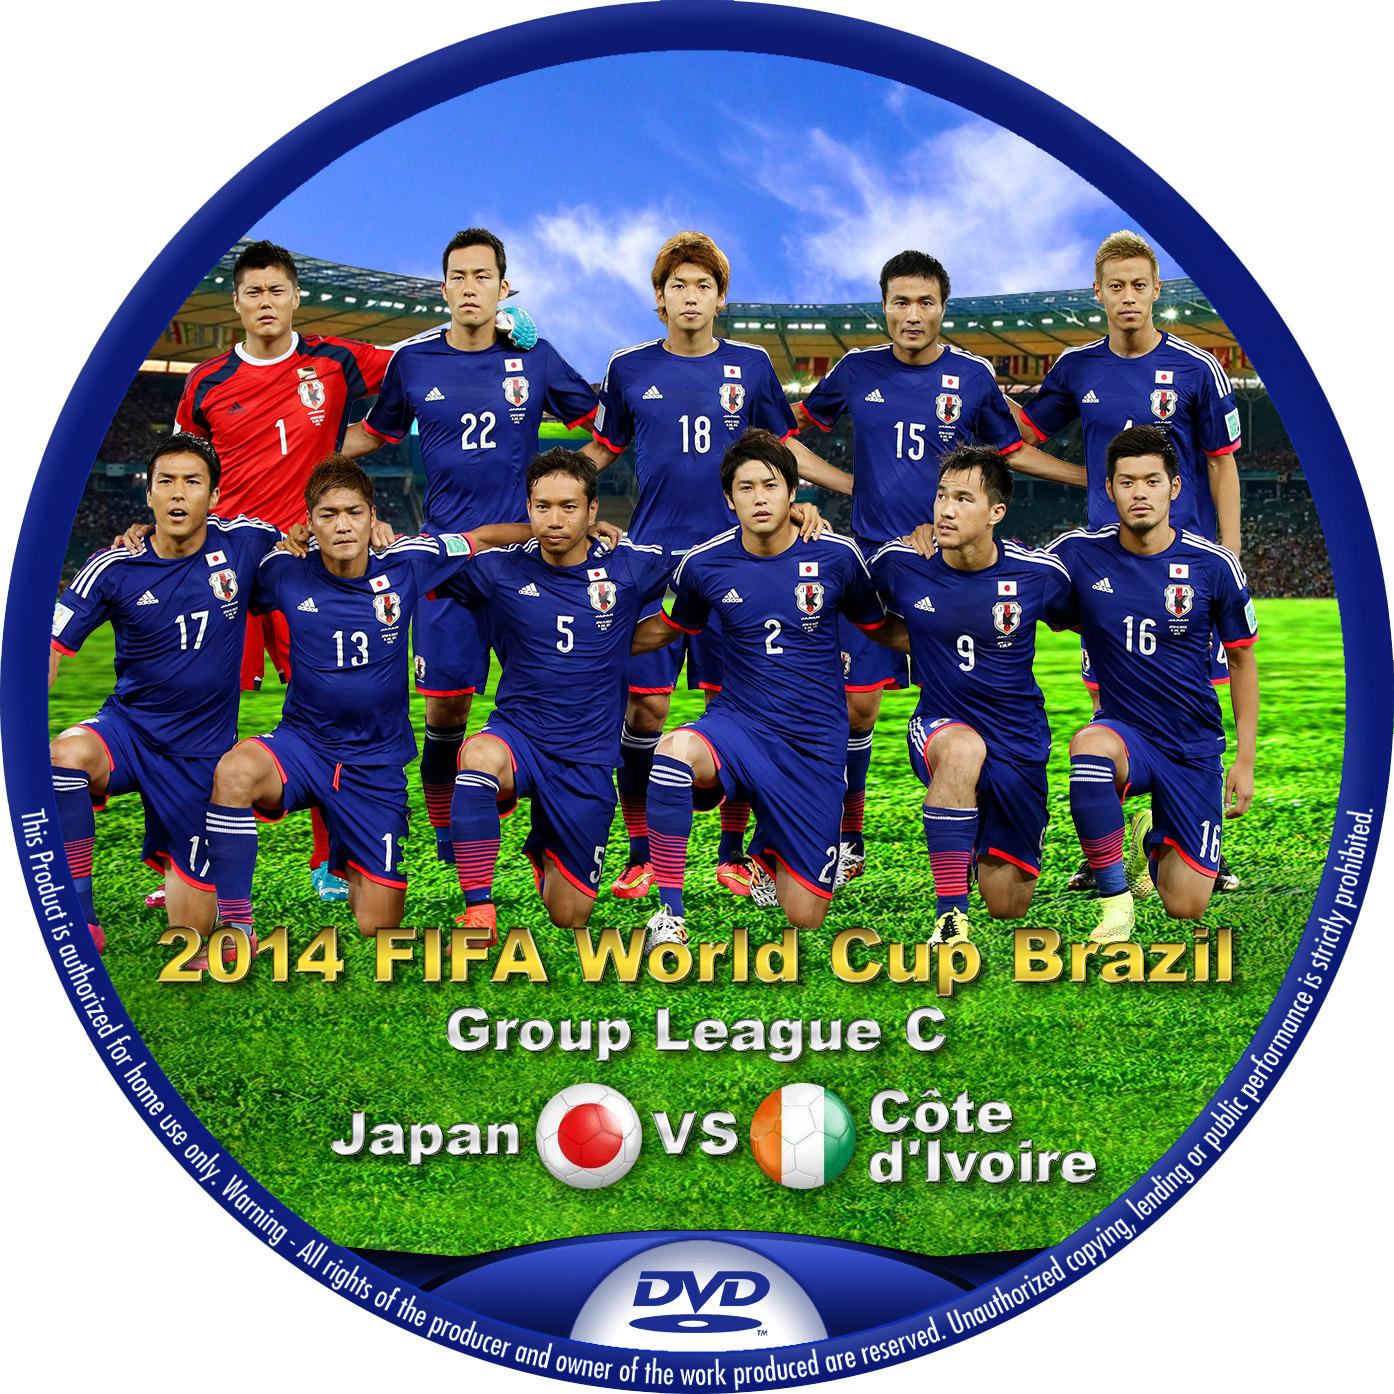 W杯 2014 ブラジル 日本代表 コートジボワール DVDラベル